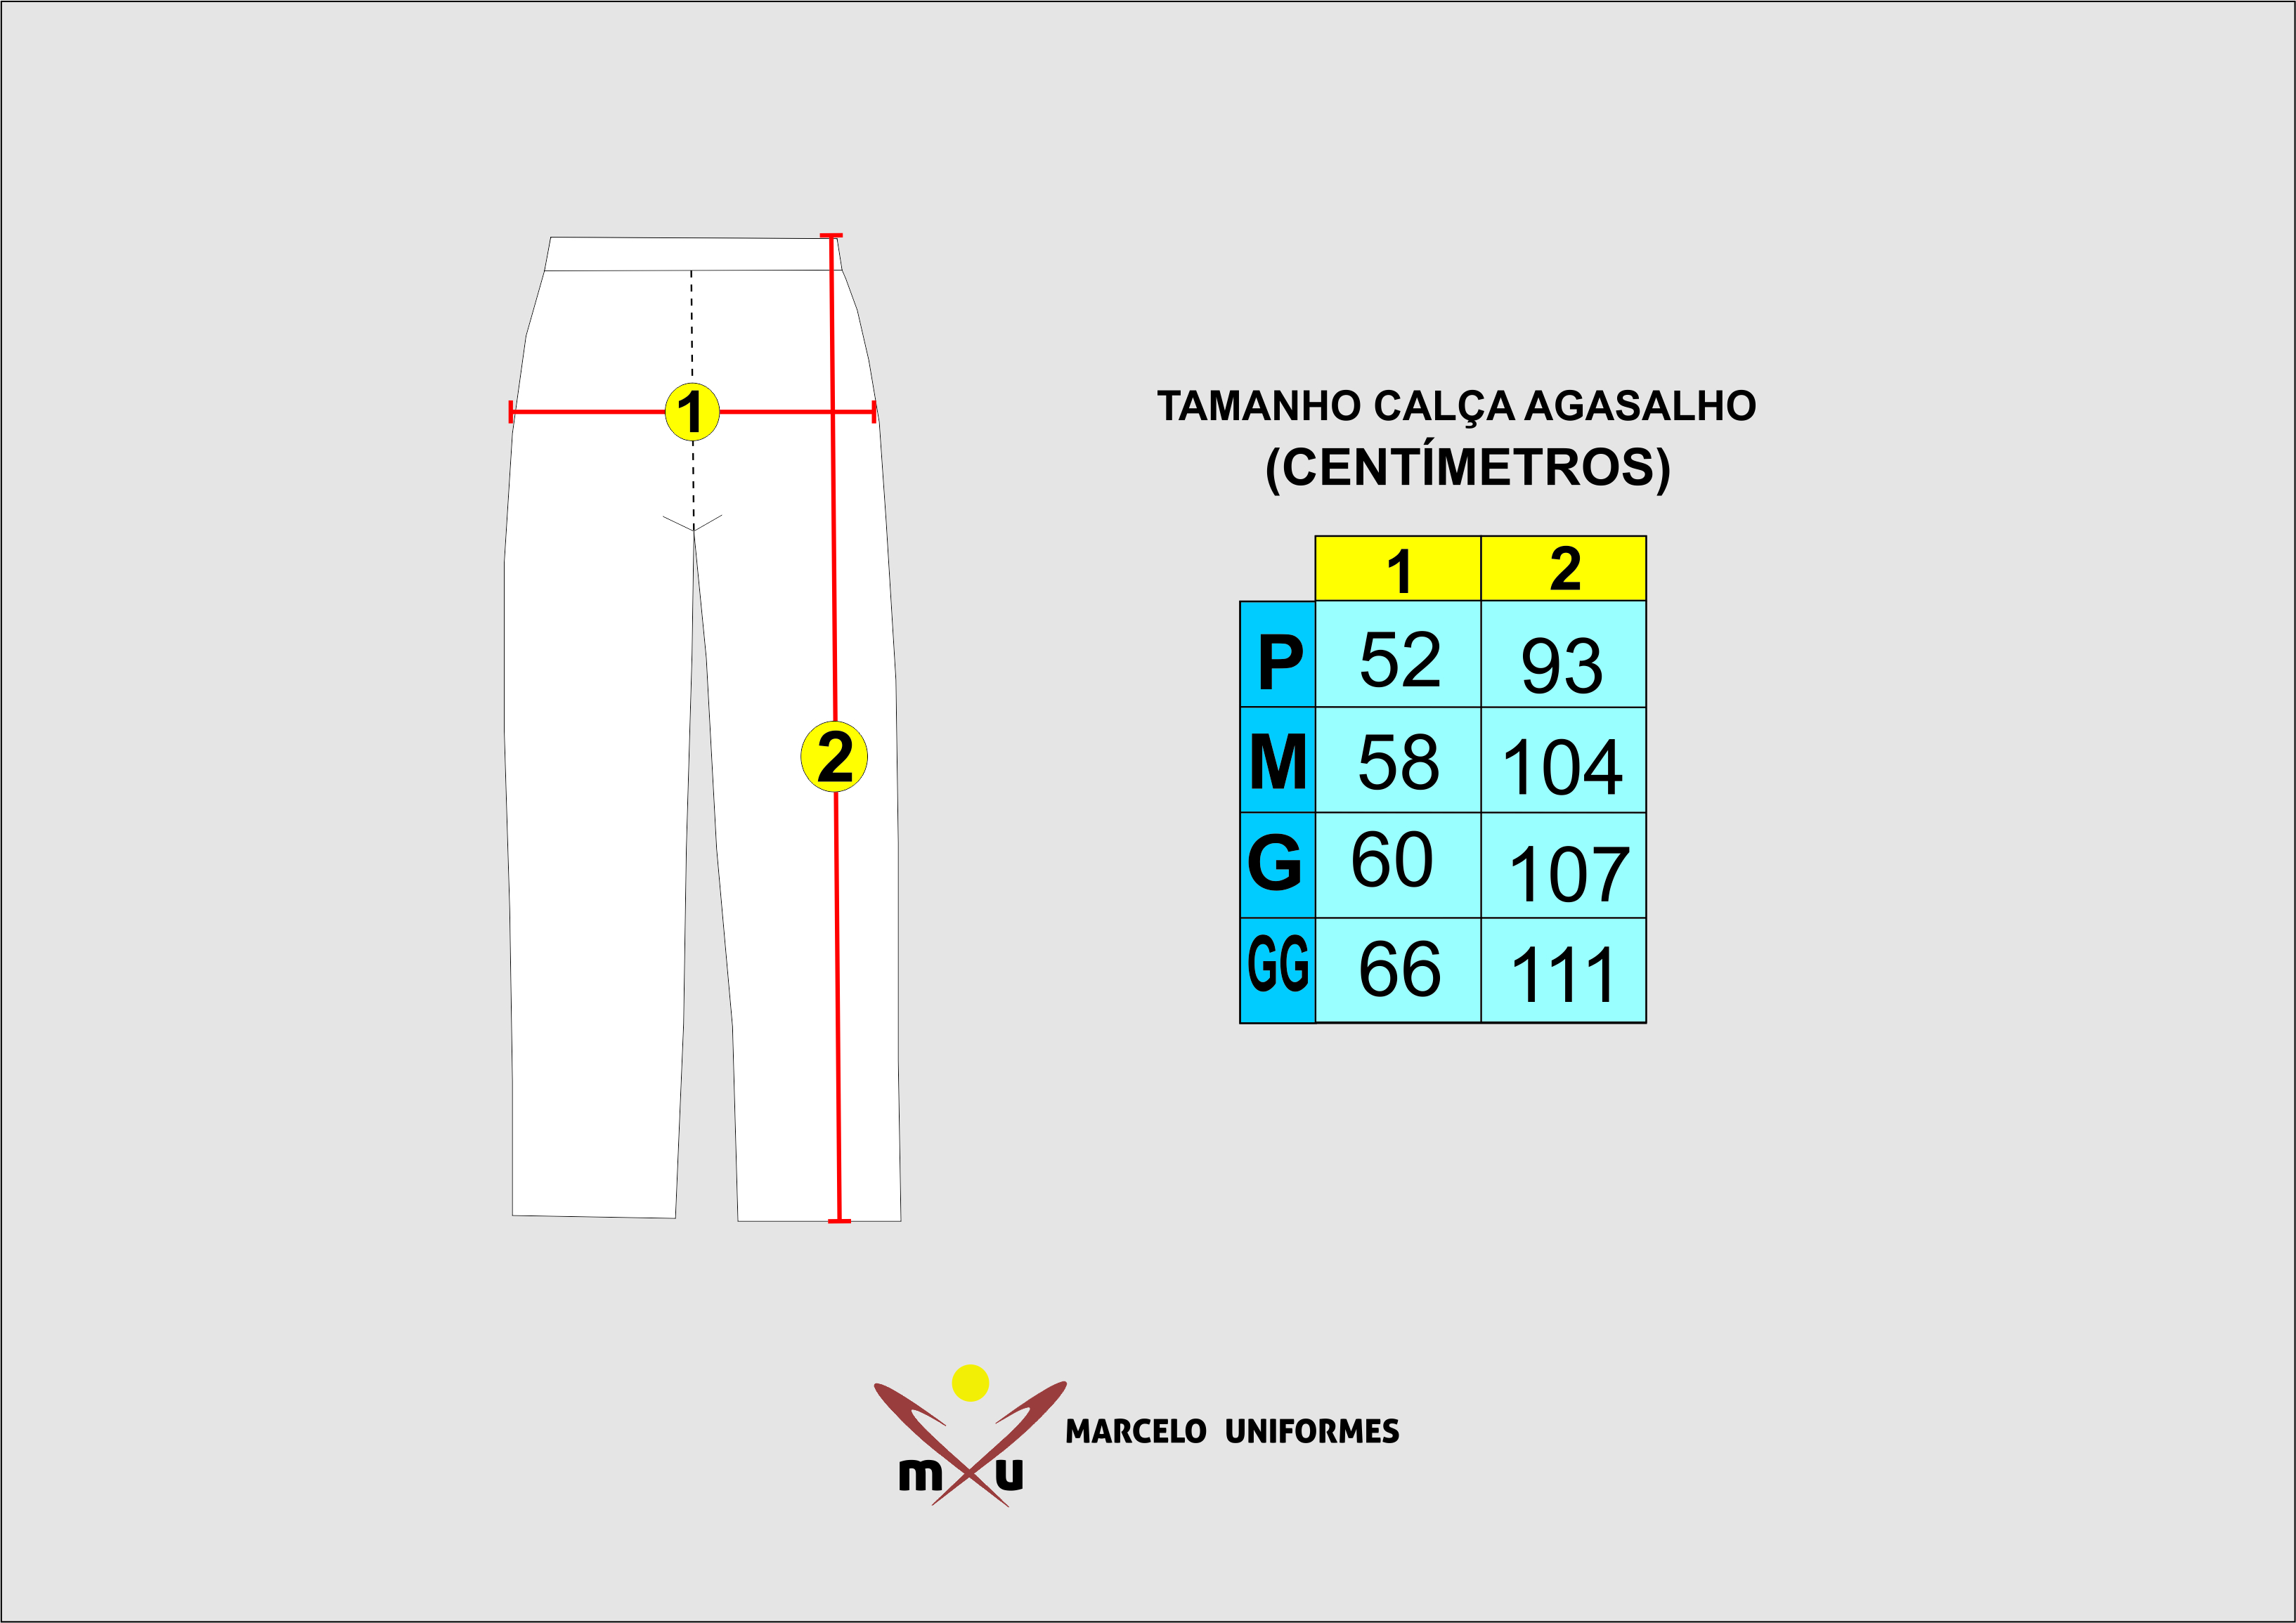 095ddf458 Tabela de Medidas Calça de Agasalho